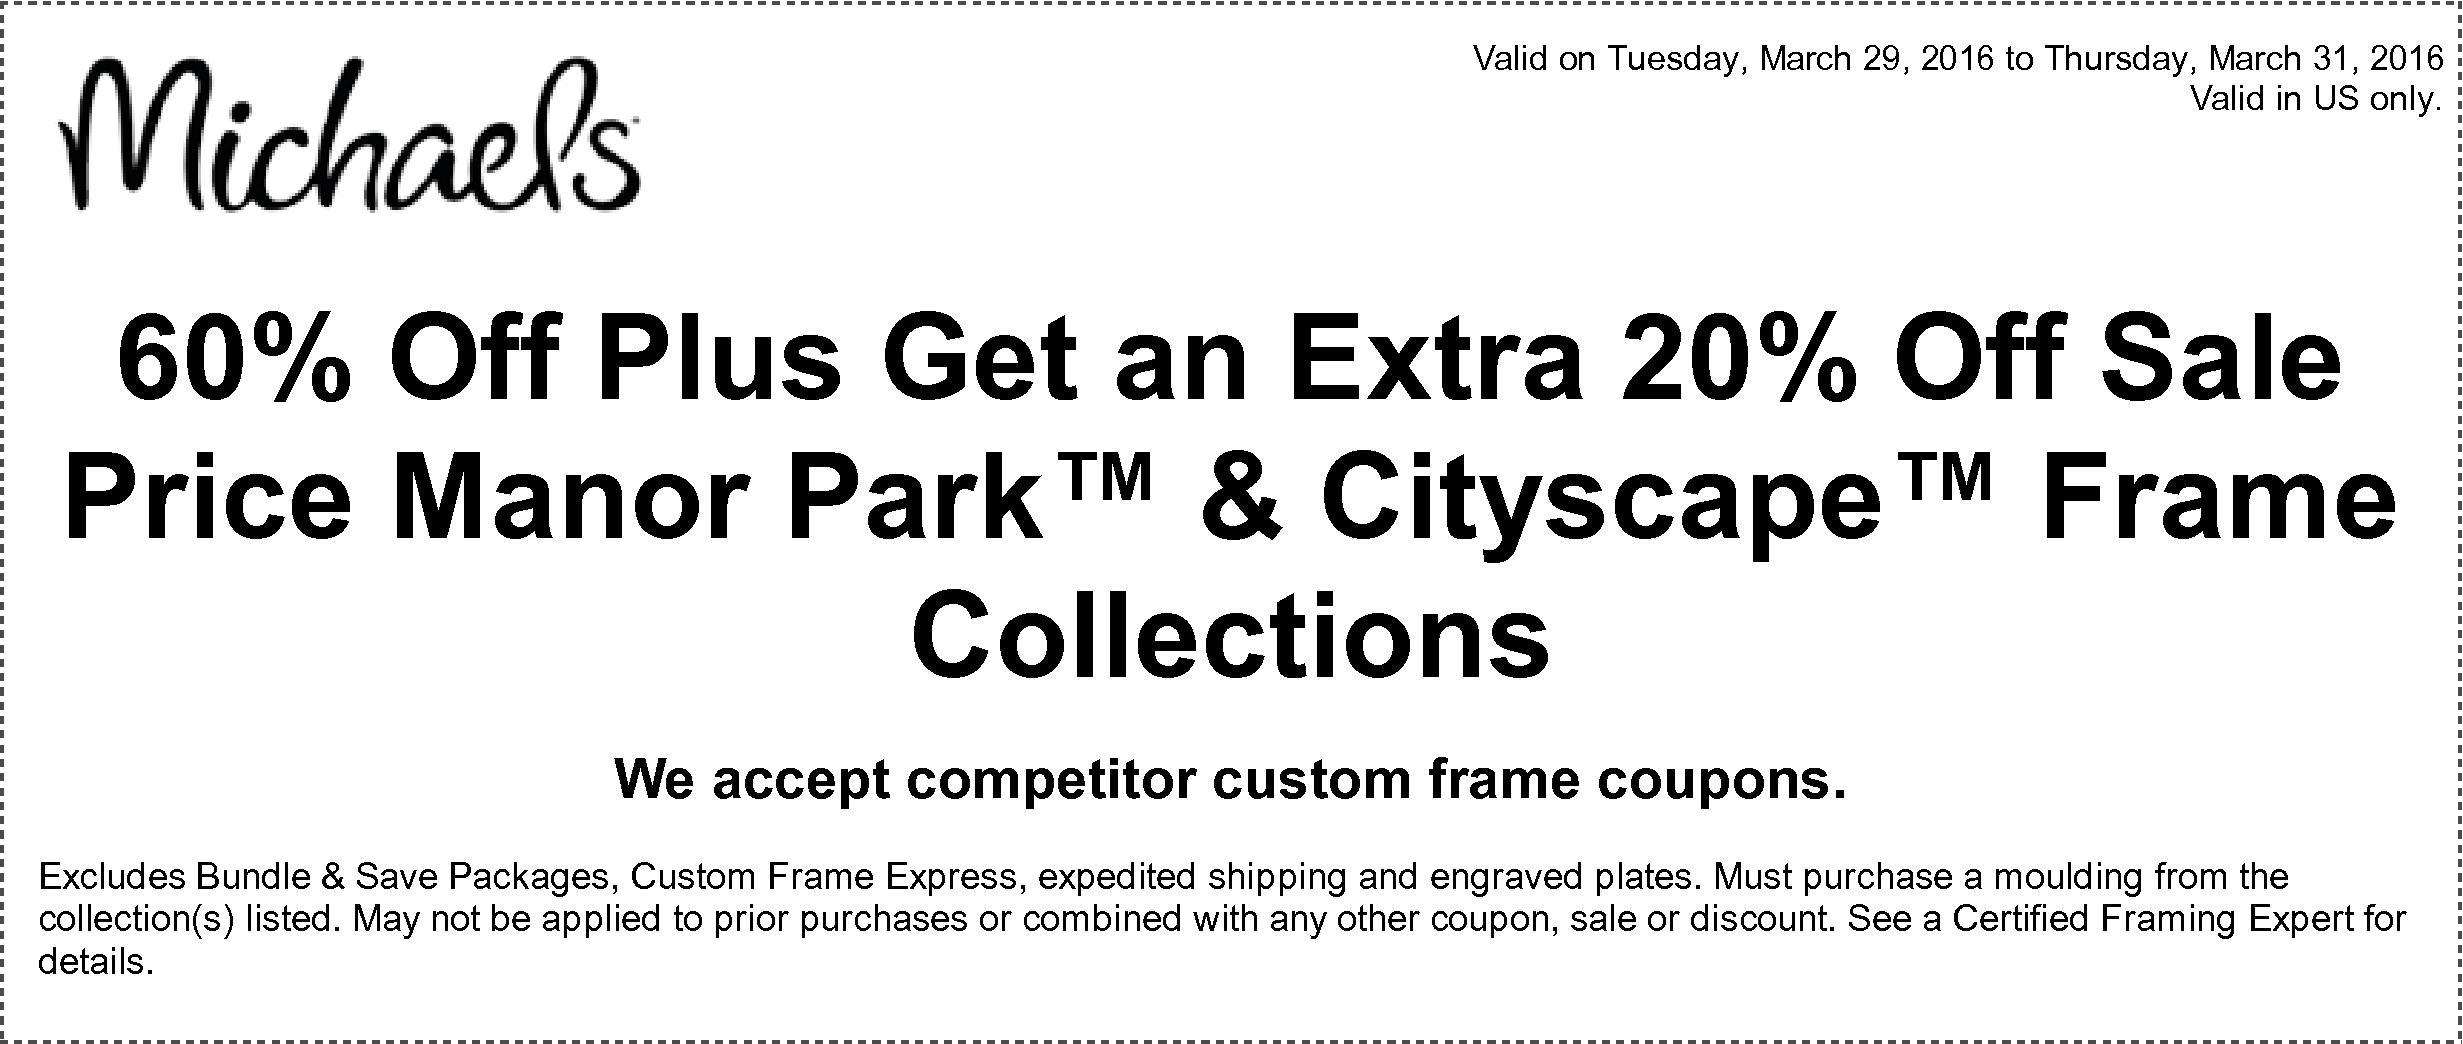 Michaels custom framing coupon 60 off - Ea origin coupon